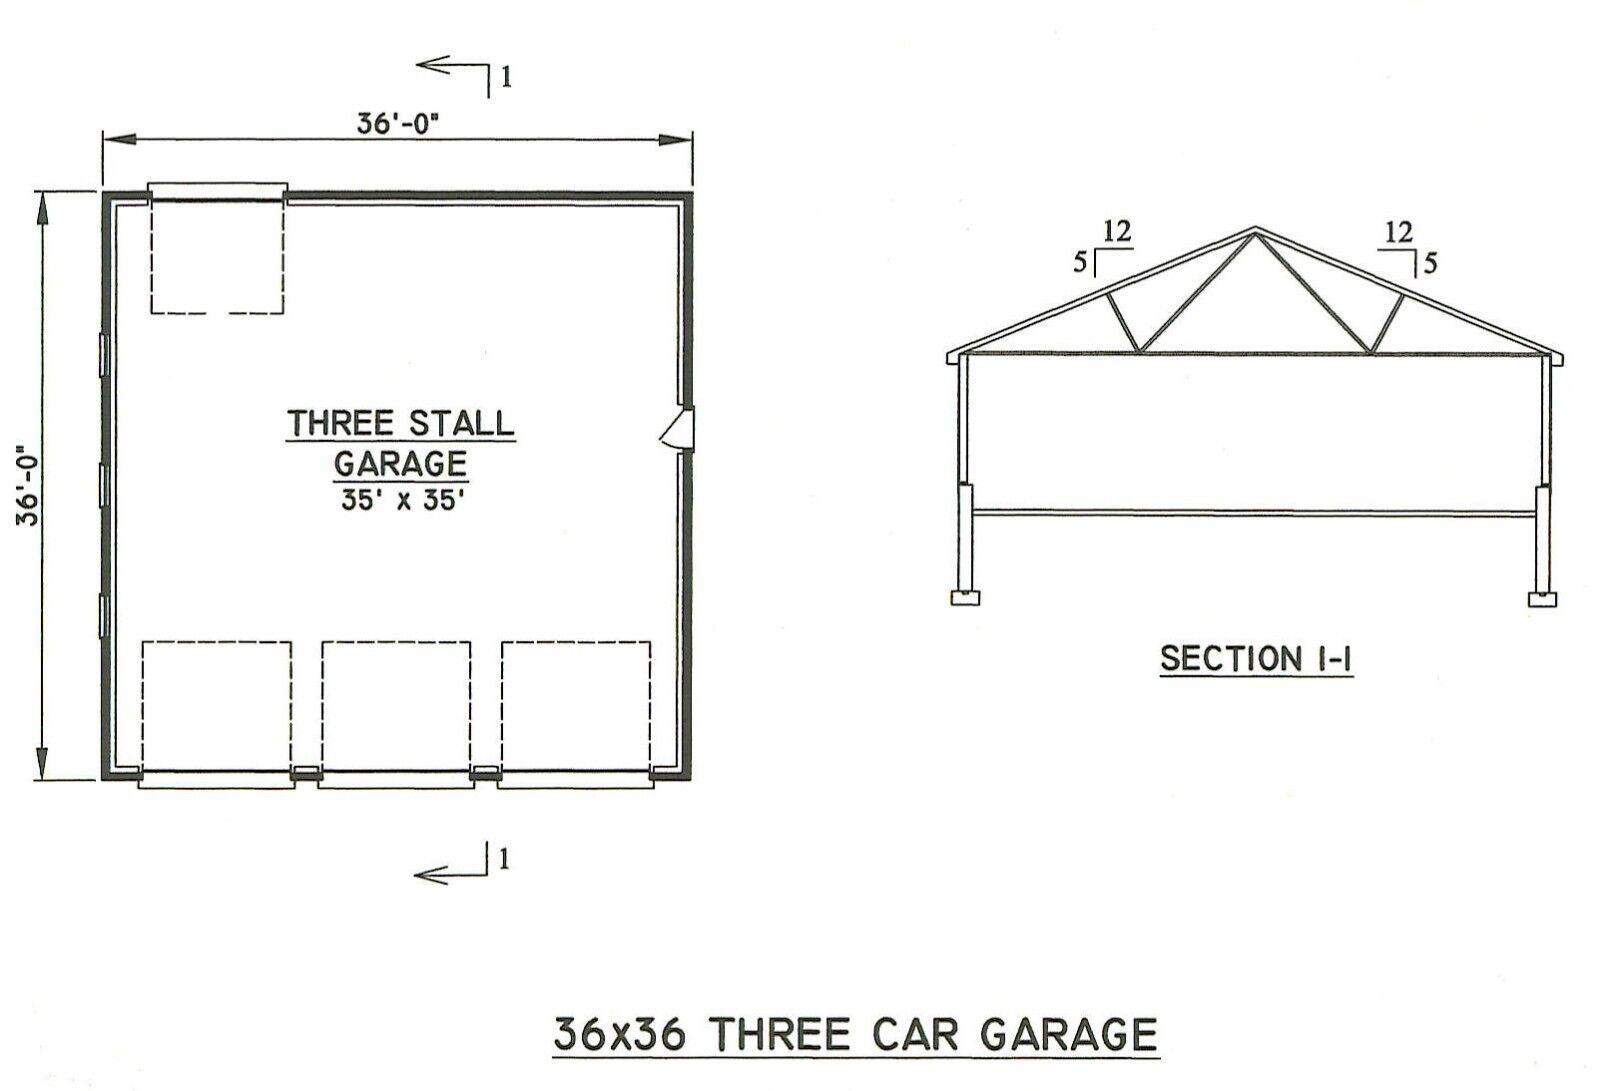 36 X 36 3 To 6 Car Garage Building Plans Blueprints